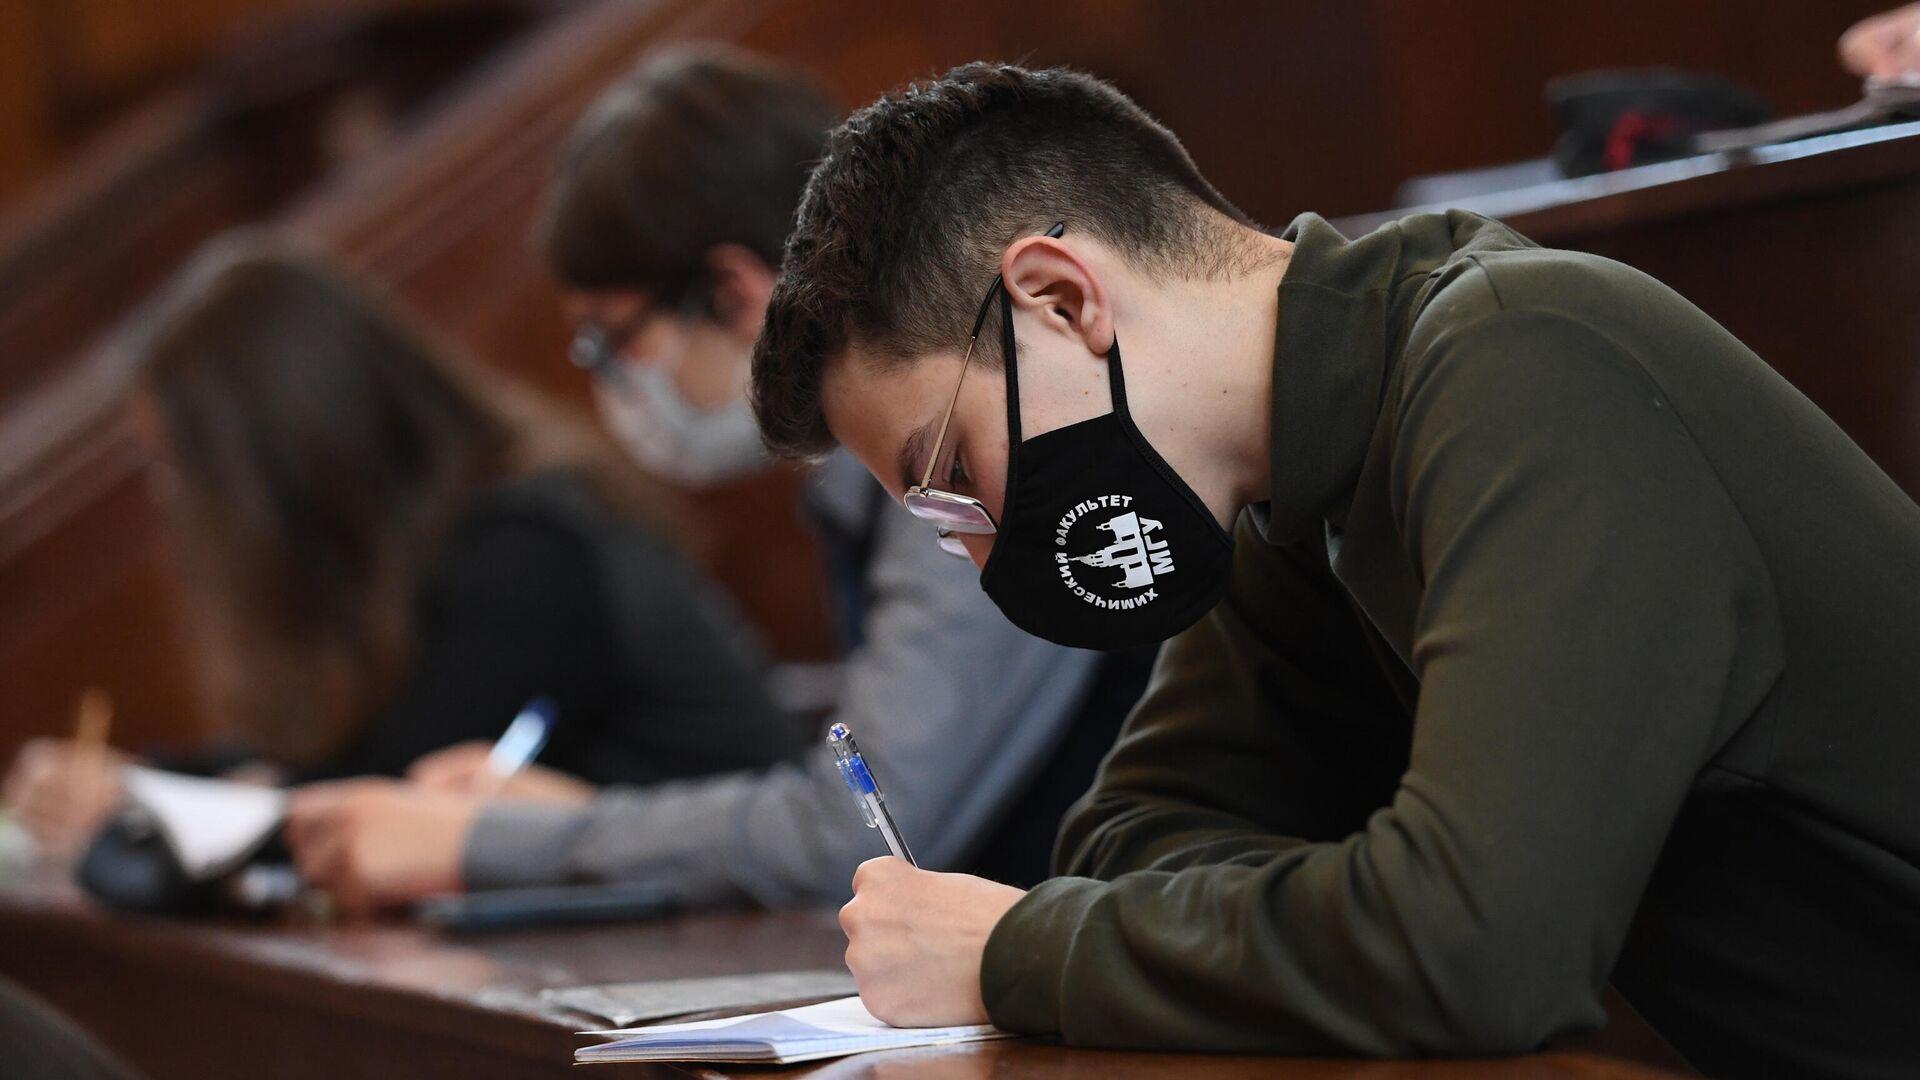 Студенты во время лекции в аудитории МГУ - РИА Новости, 1920, 04.08.2021